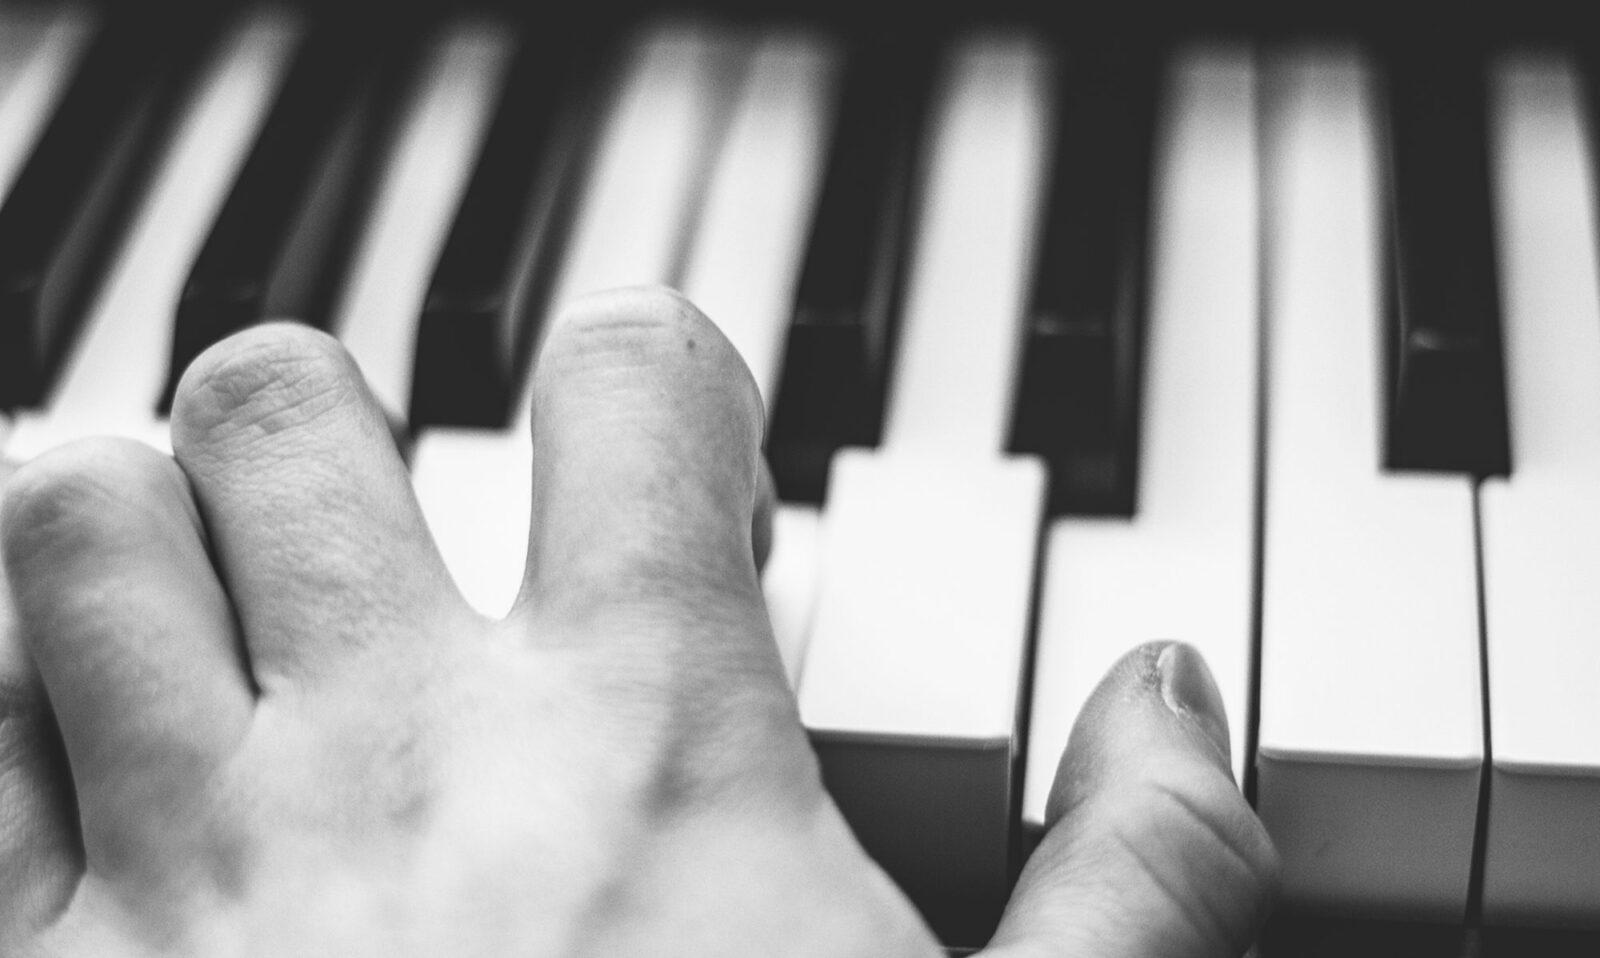 nulla vita sine musica